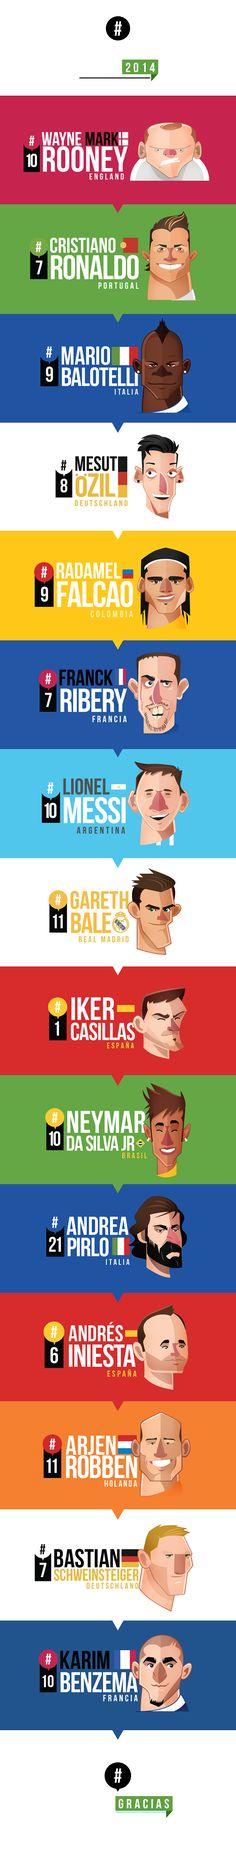 Ilustraciones de los jugadores del mundial 2014!